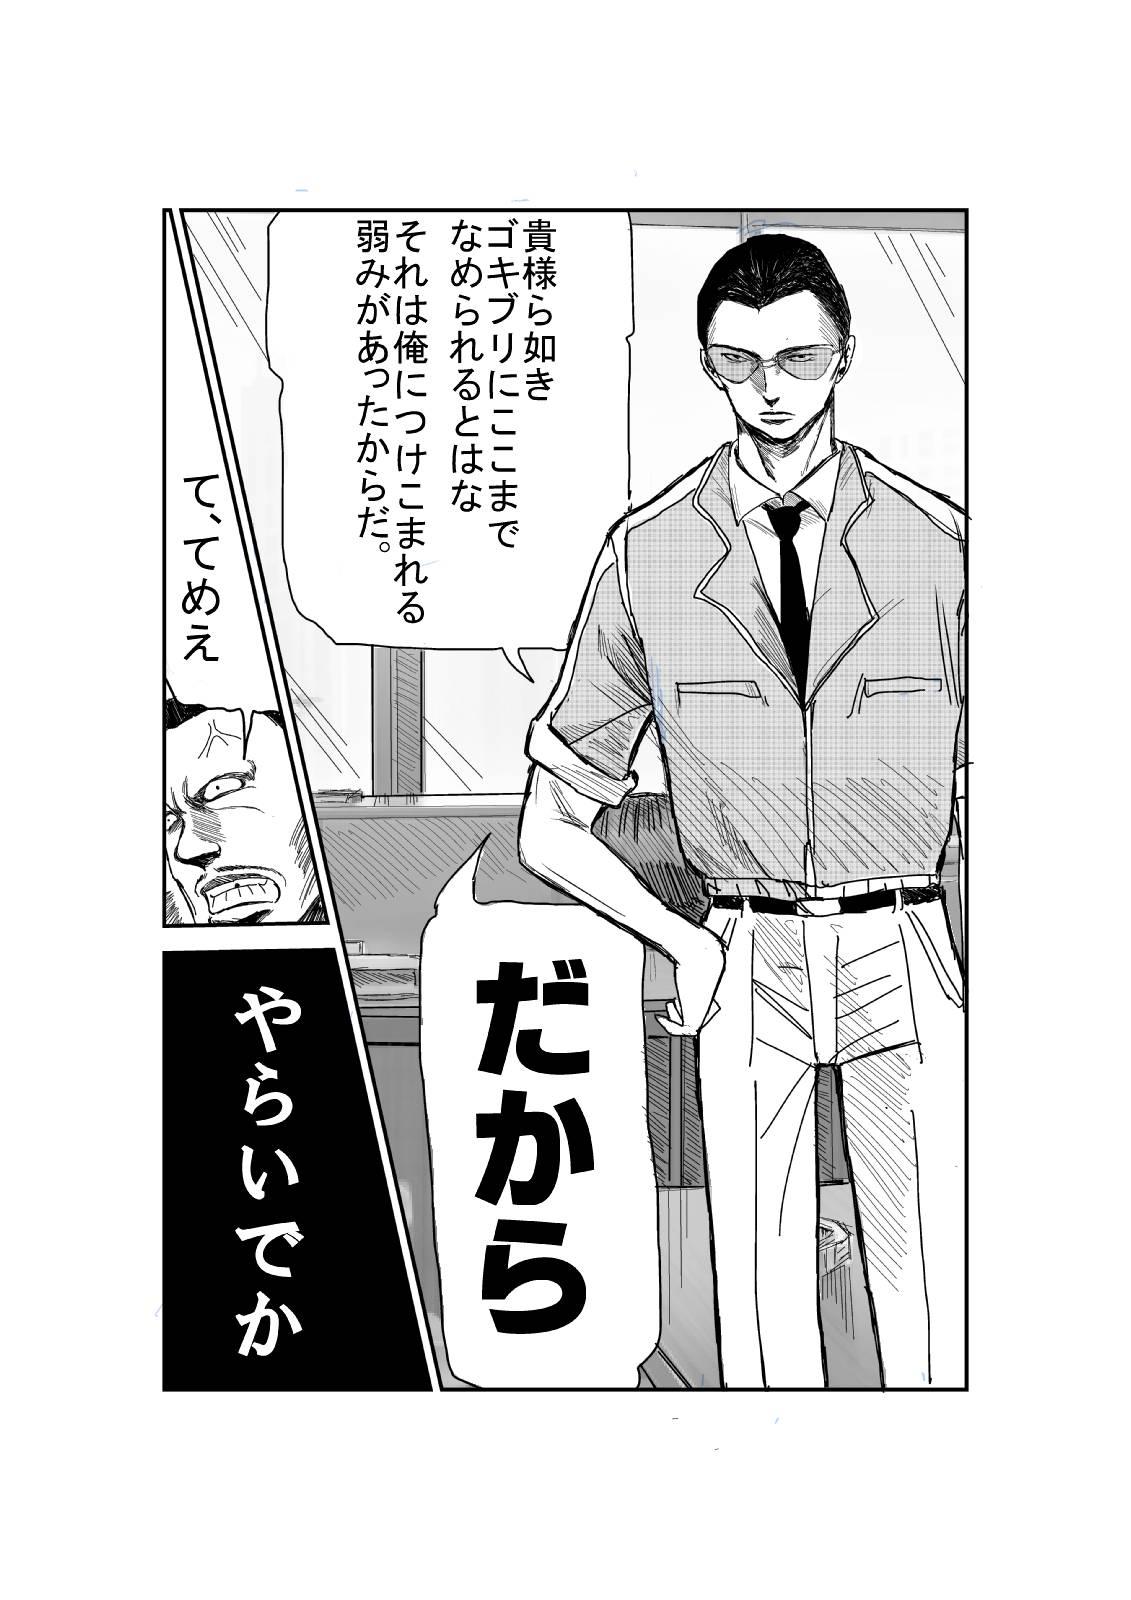 『アスファルト上のニーチェ』P11  円城京一 さやえんどう21